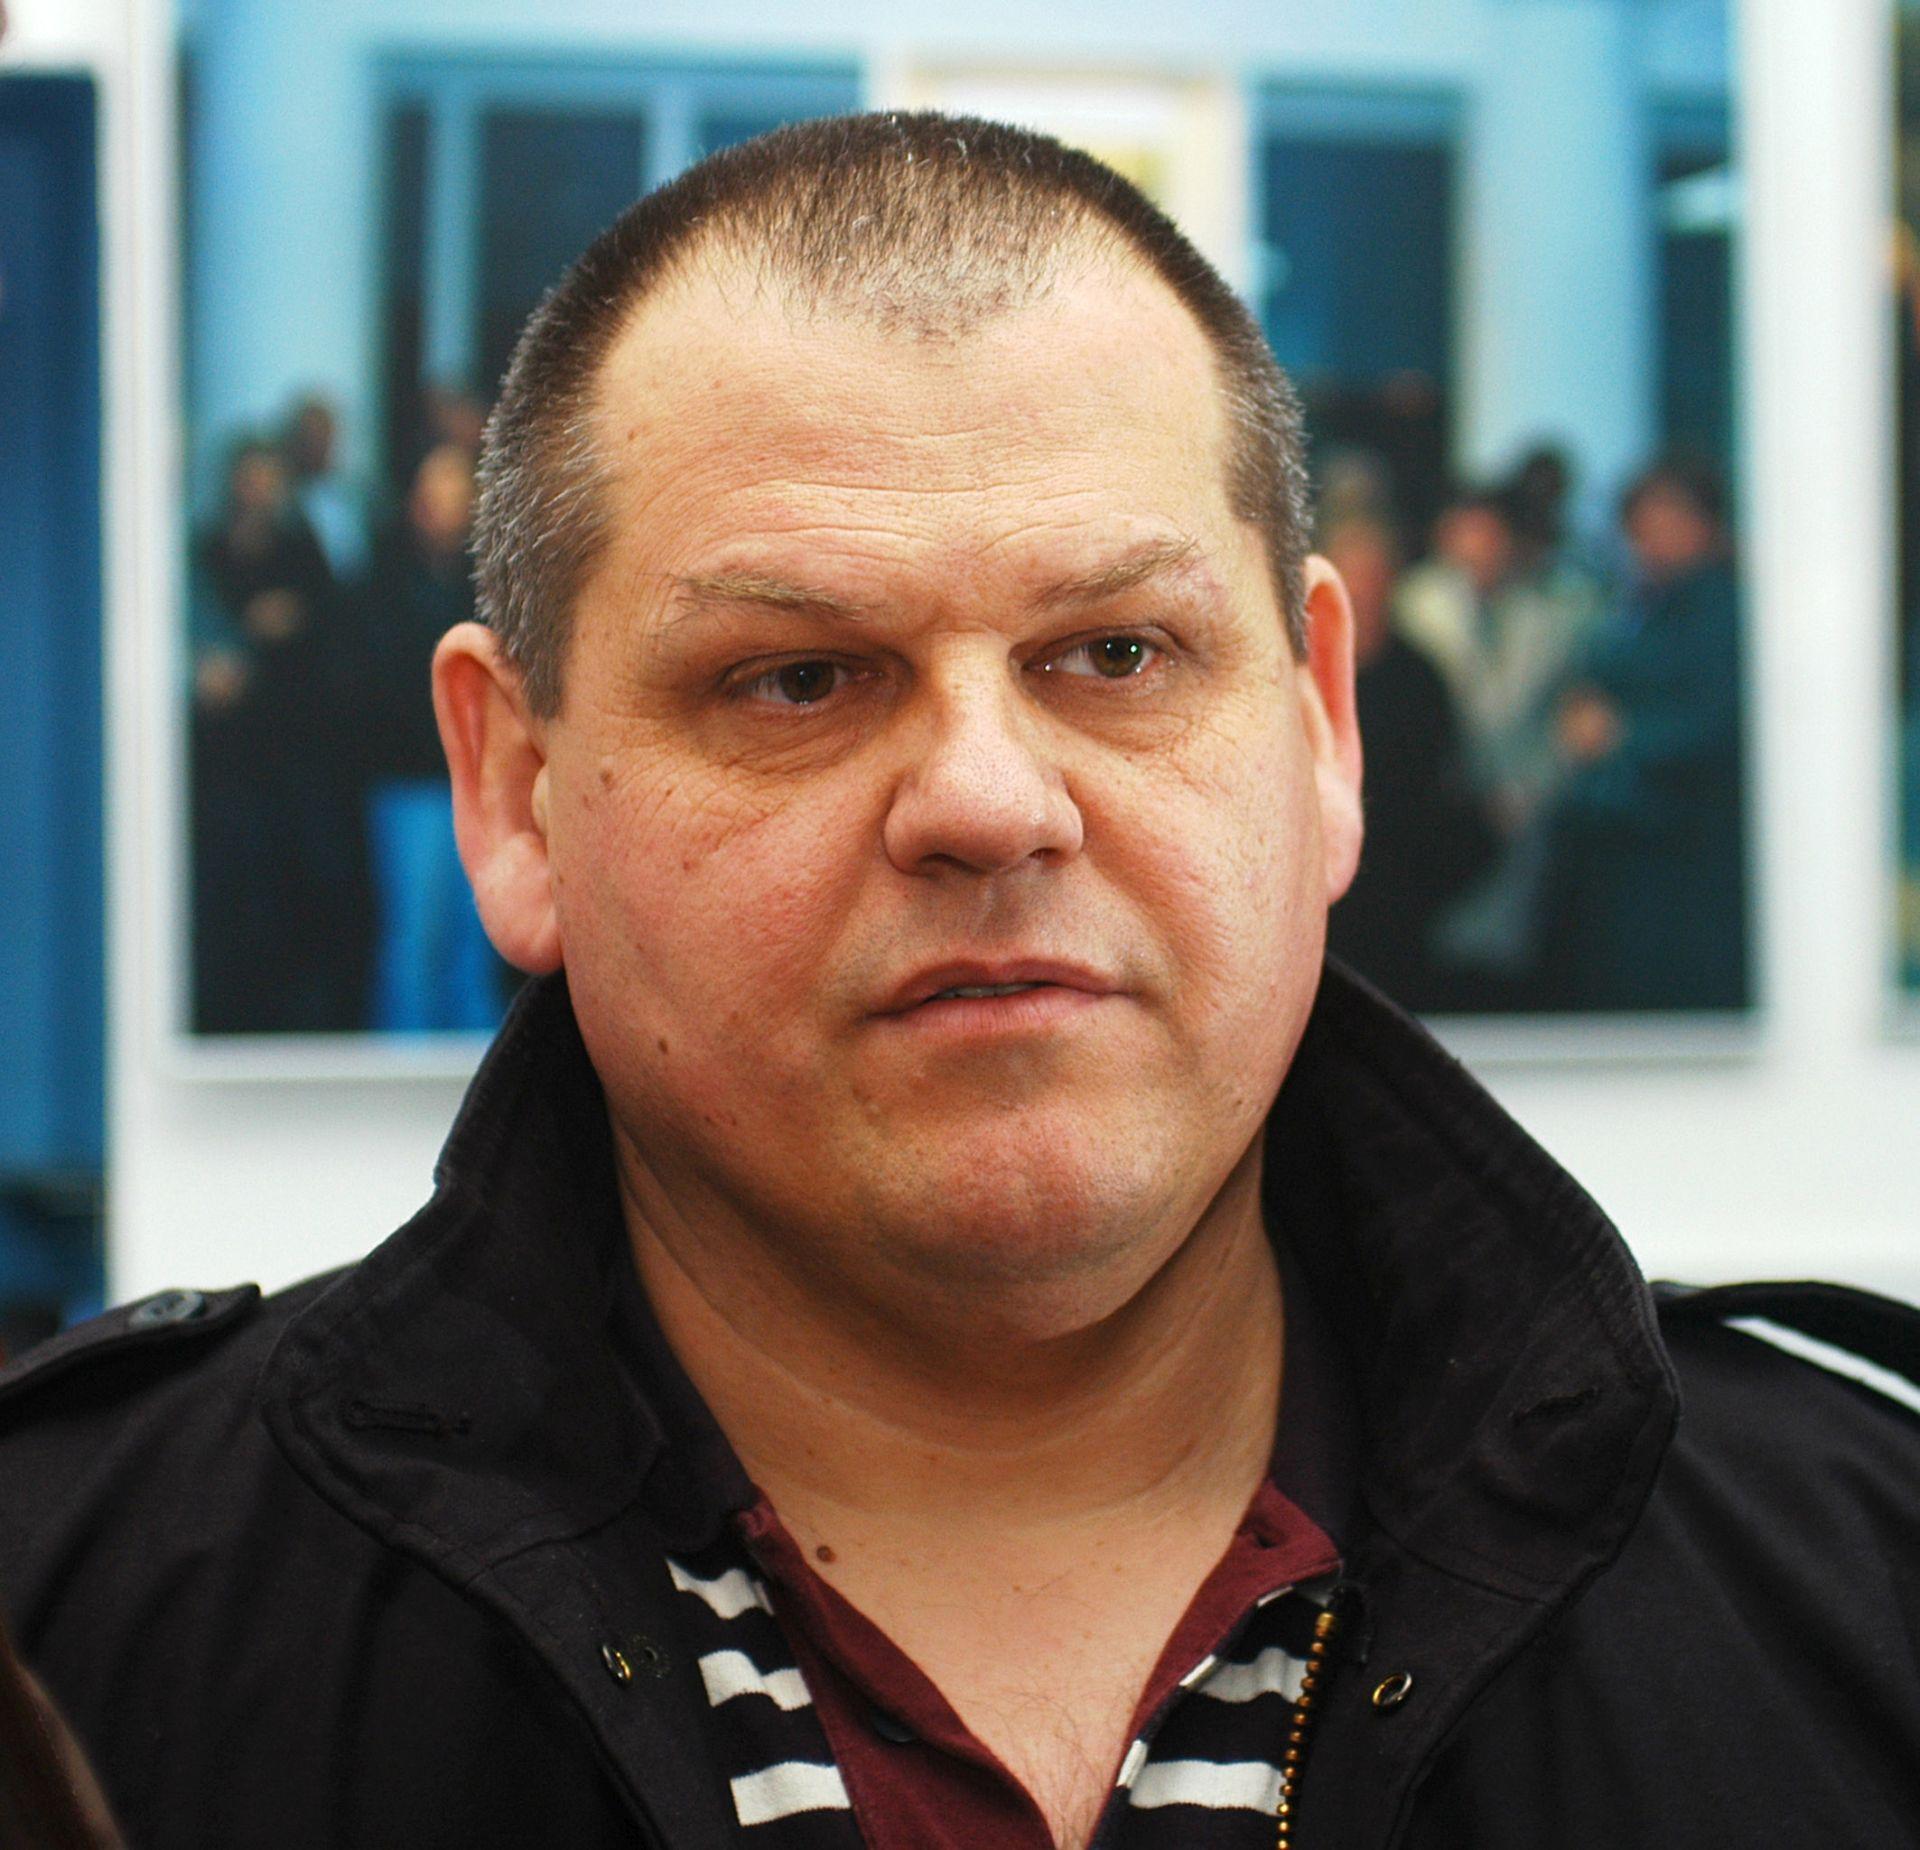 HRASTOV NA UVJETNOJ SLOBODI: Odvjetnik najavljuje njegovu rehabilitaciju kao ratnog heroja